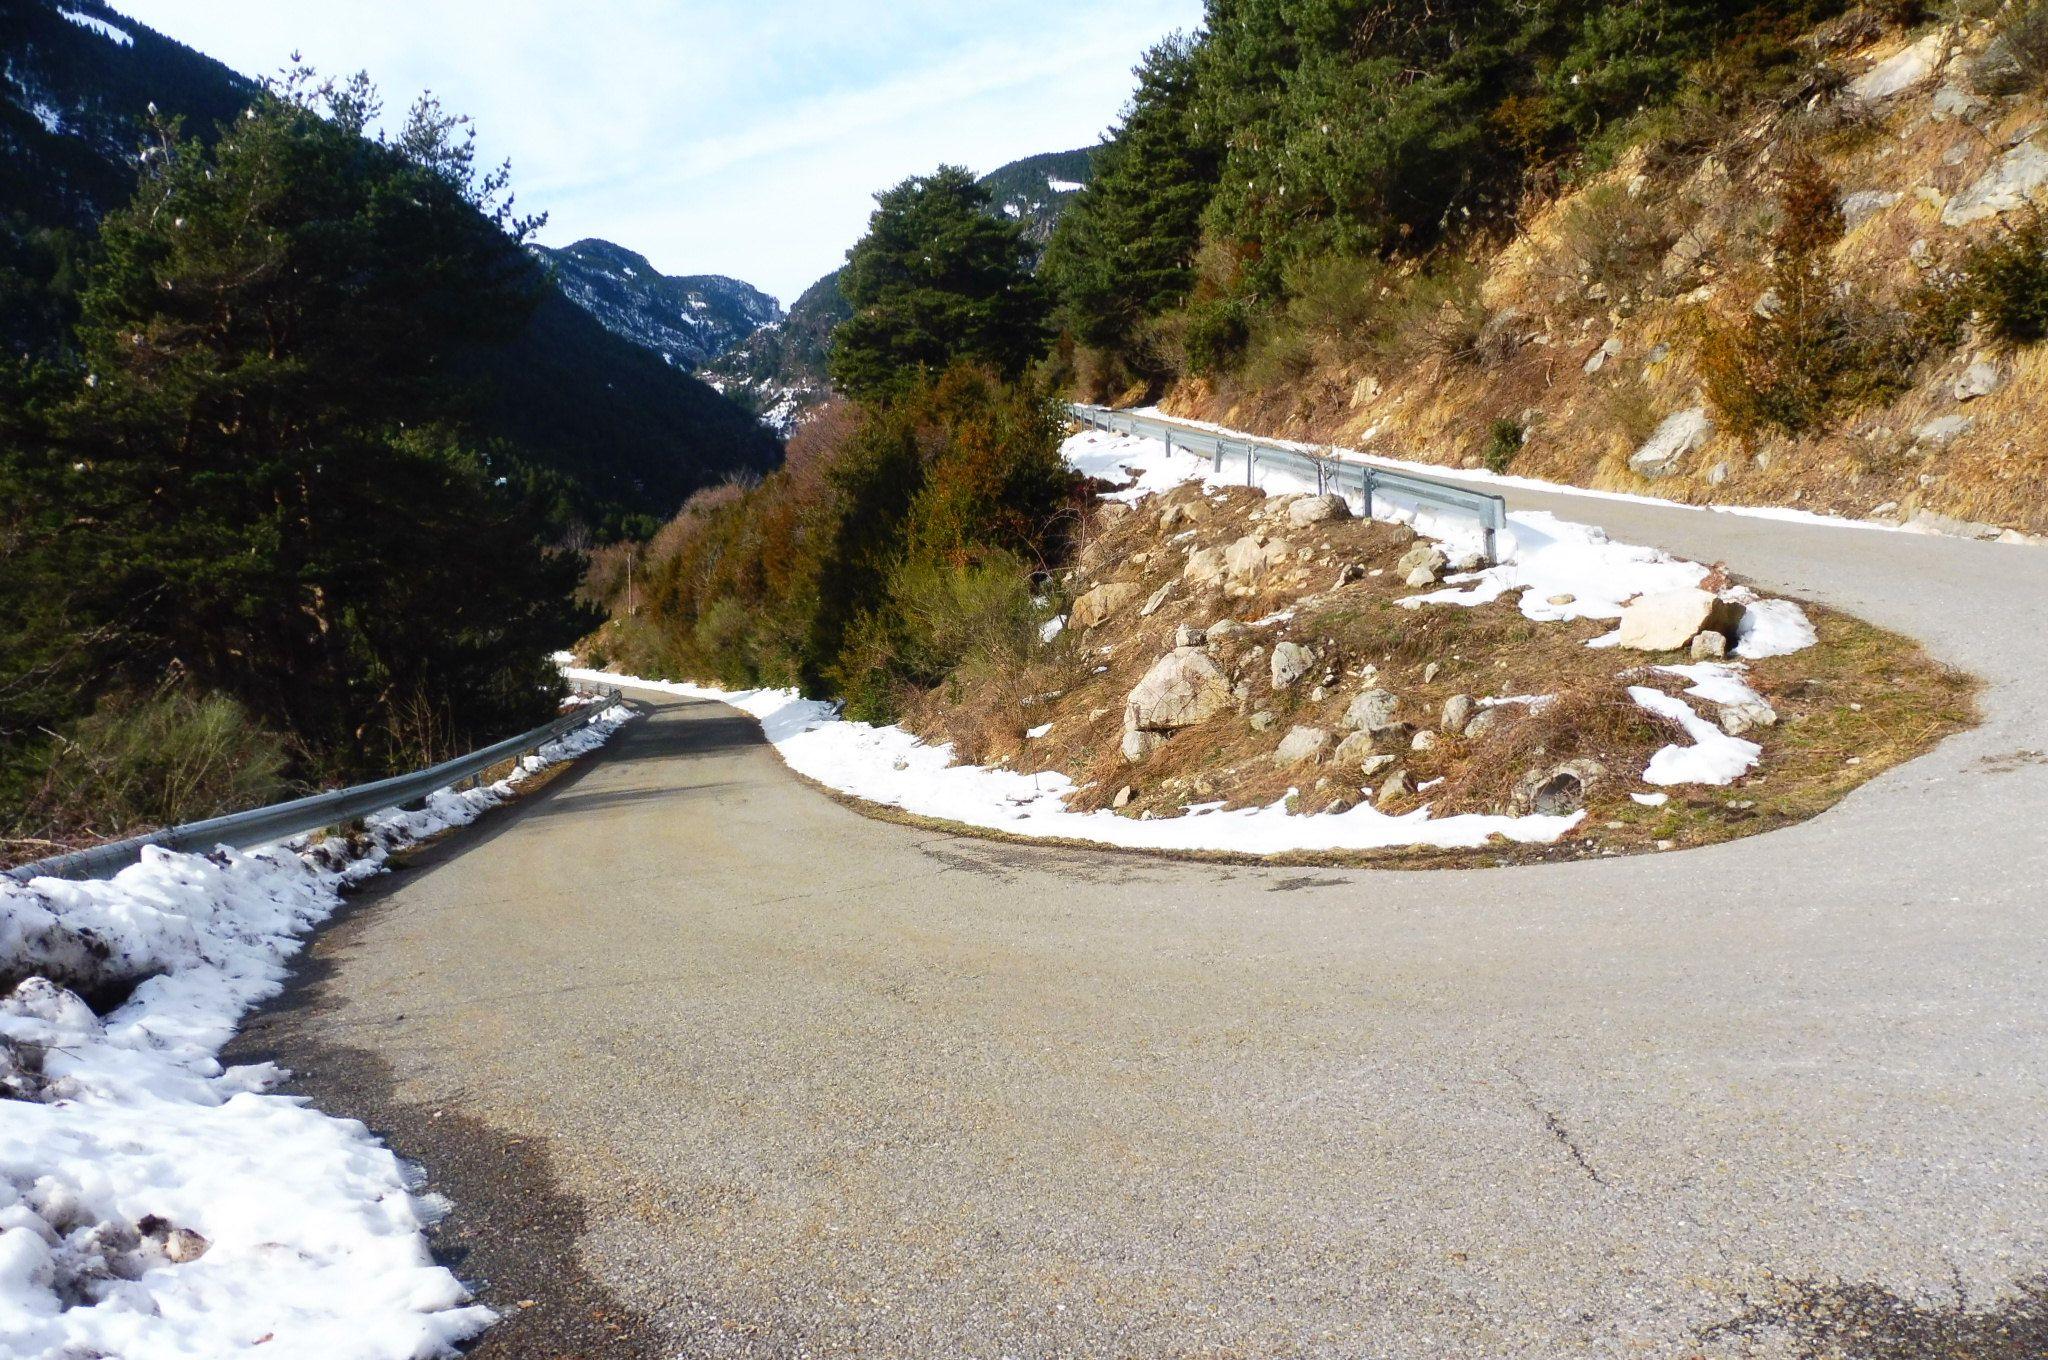 La carretera para subir a Chisagüés. Foto: SobrarbeDigital.